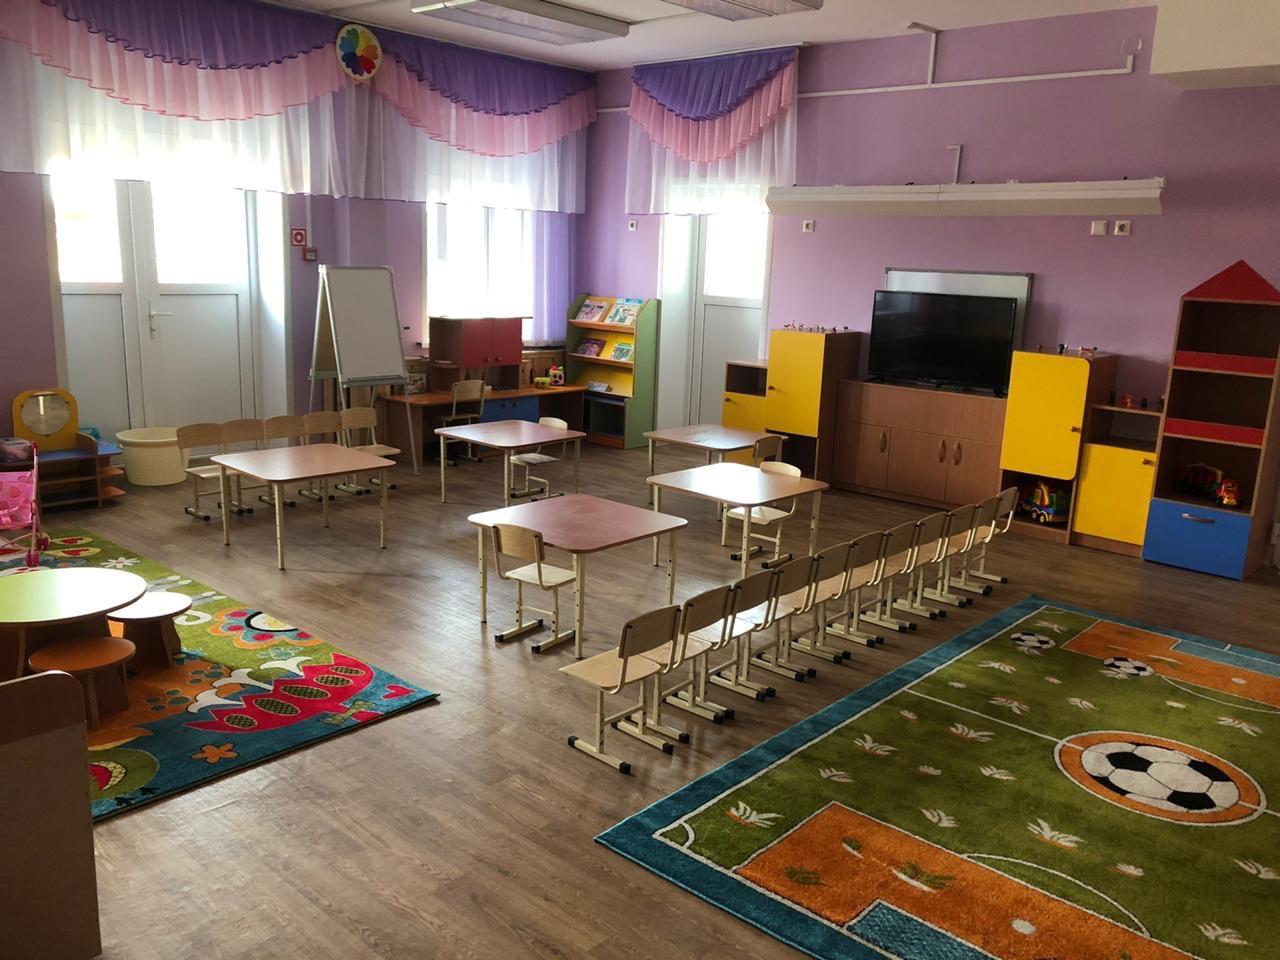 Уже в сентябре в Омской области начнут строить три детских сада #Омск #Общество #Сегодня